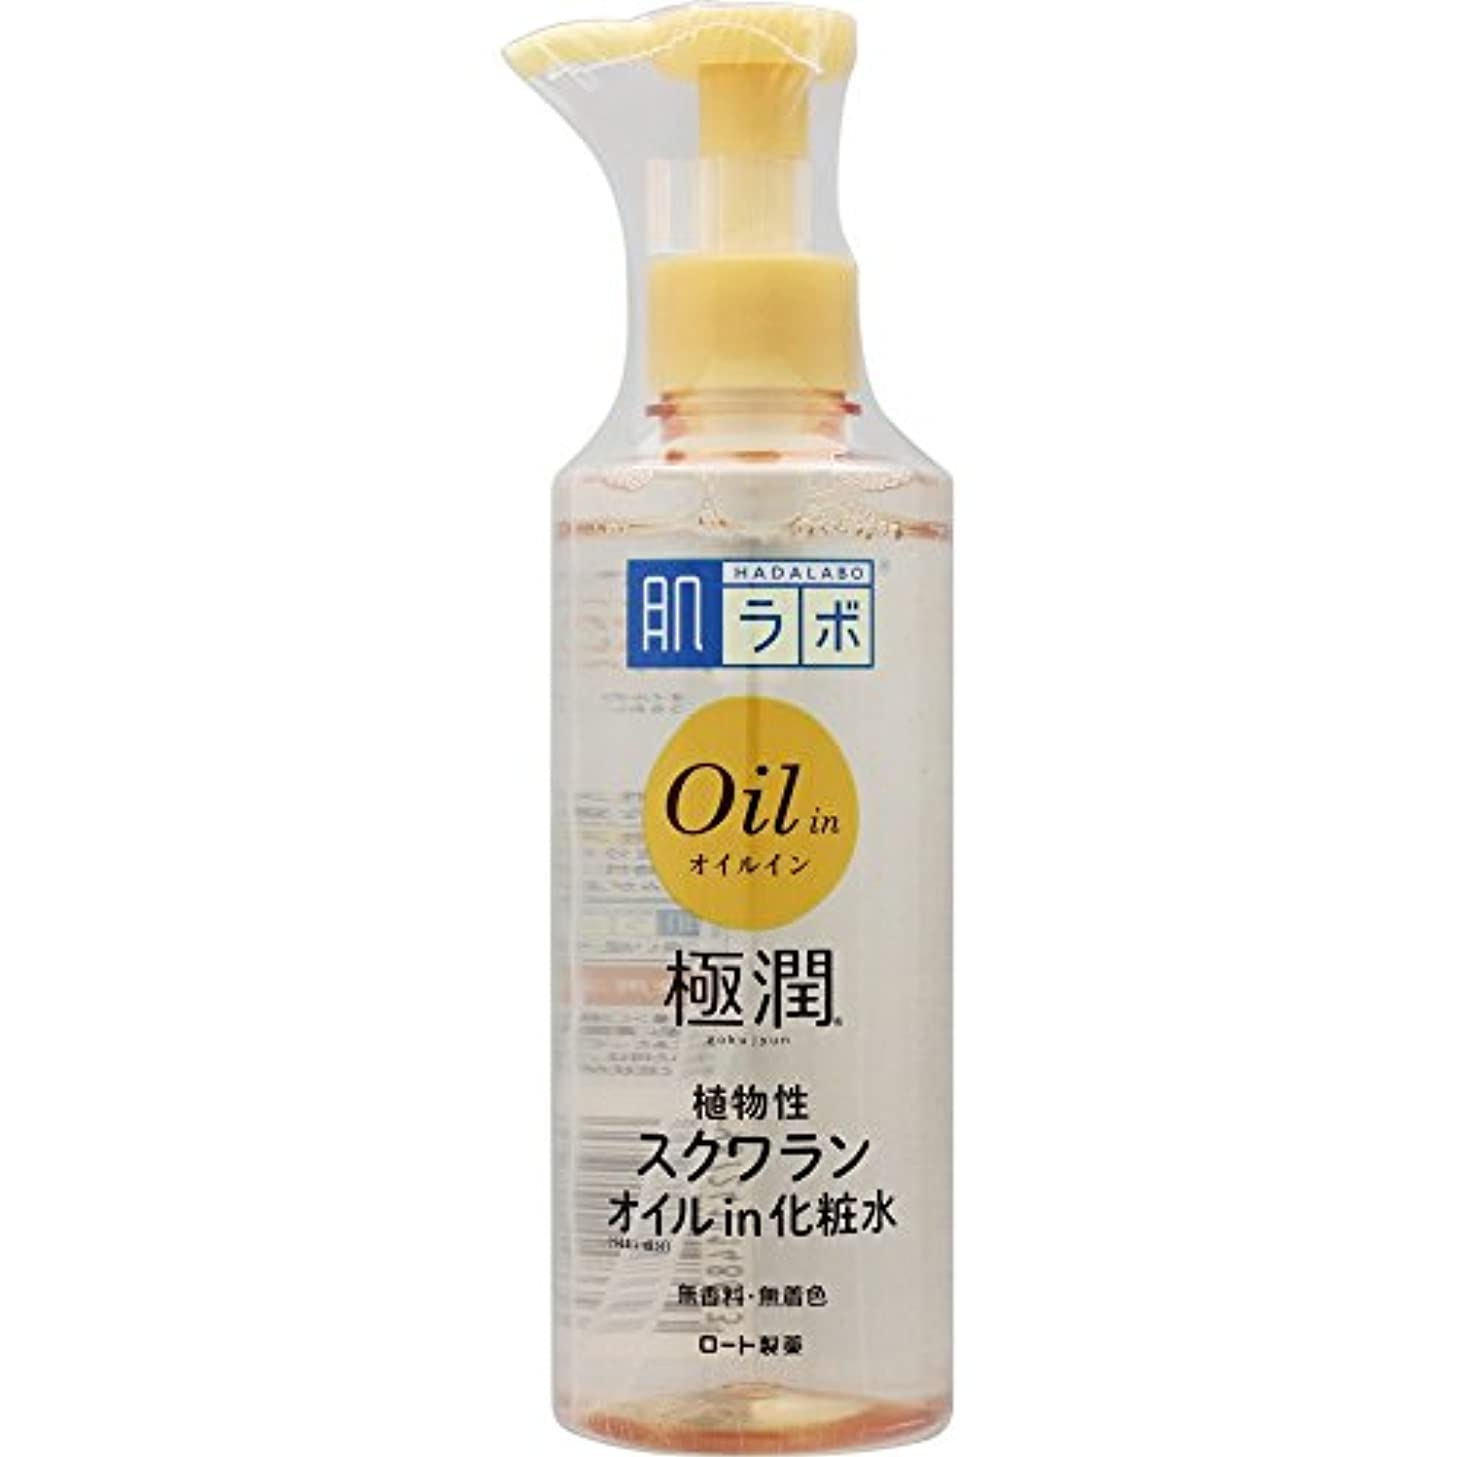 除去すばらしいです噴水肌ラボ 極潤オイルイン化粧水 植物性スクワランオイル配合 220ml